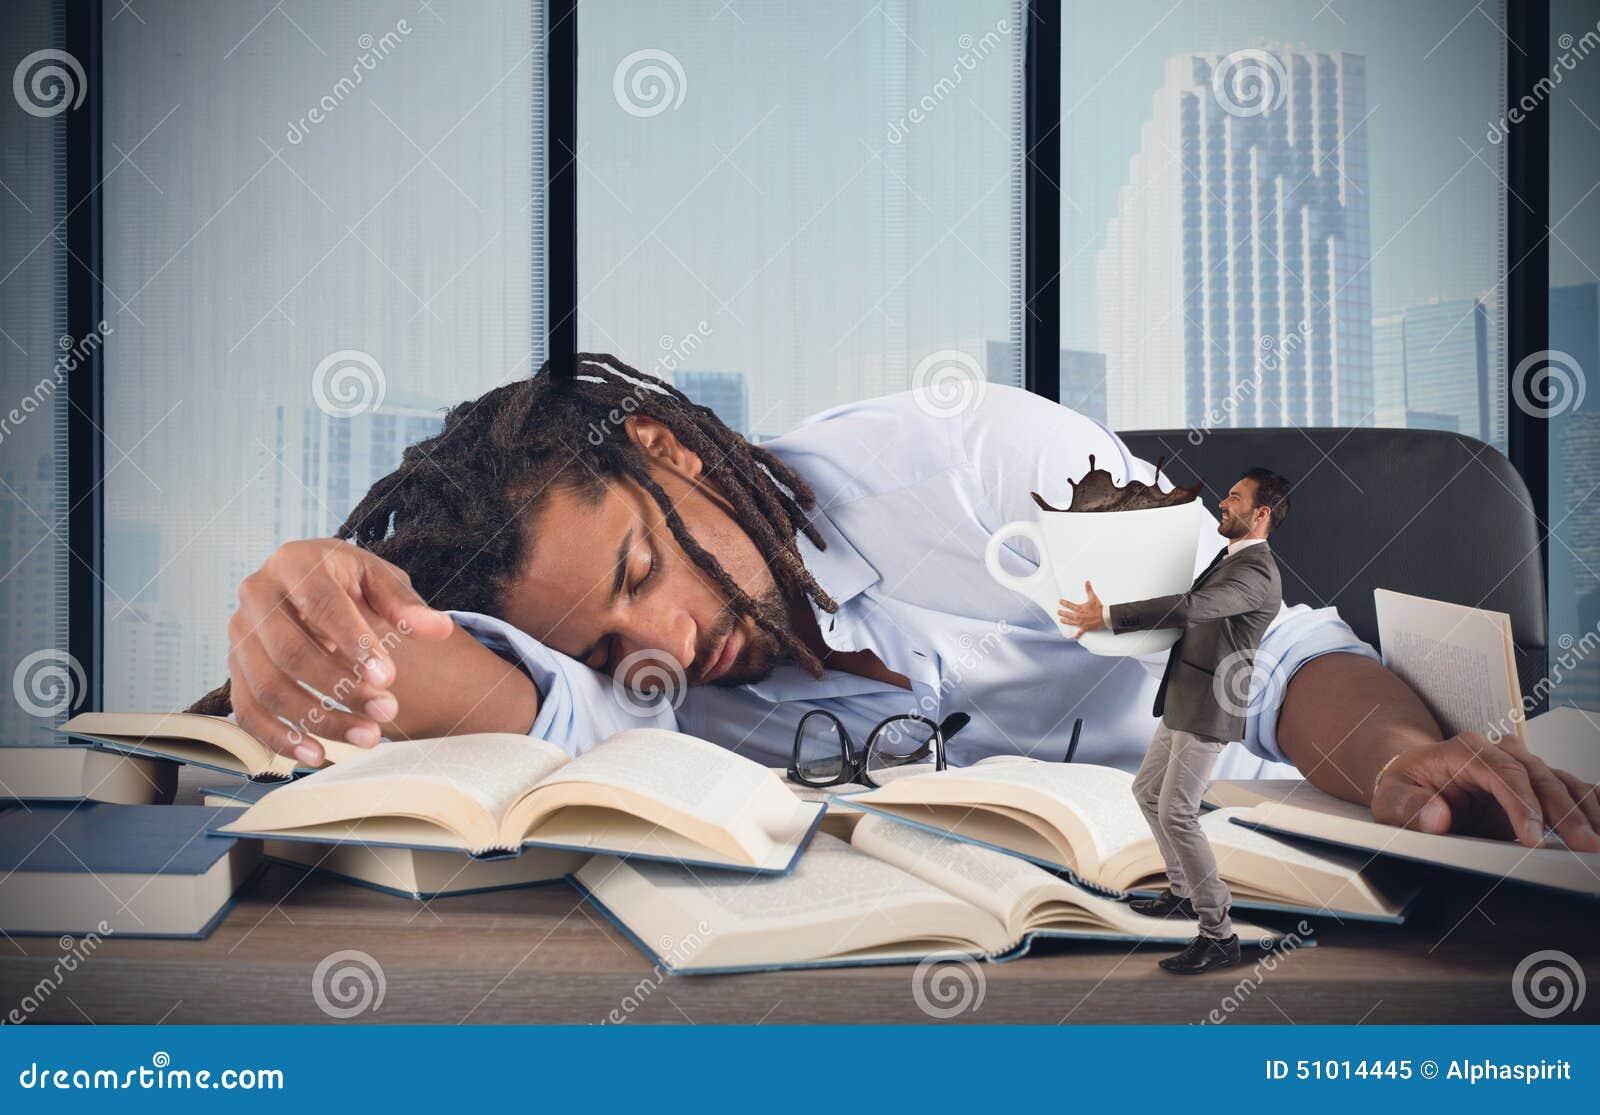 疲乏的经理需要咖啡因